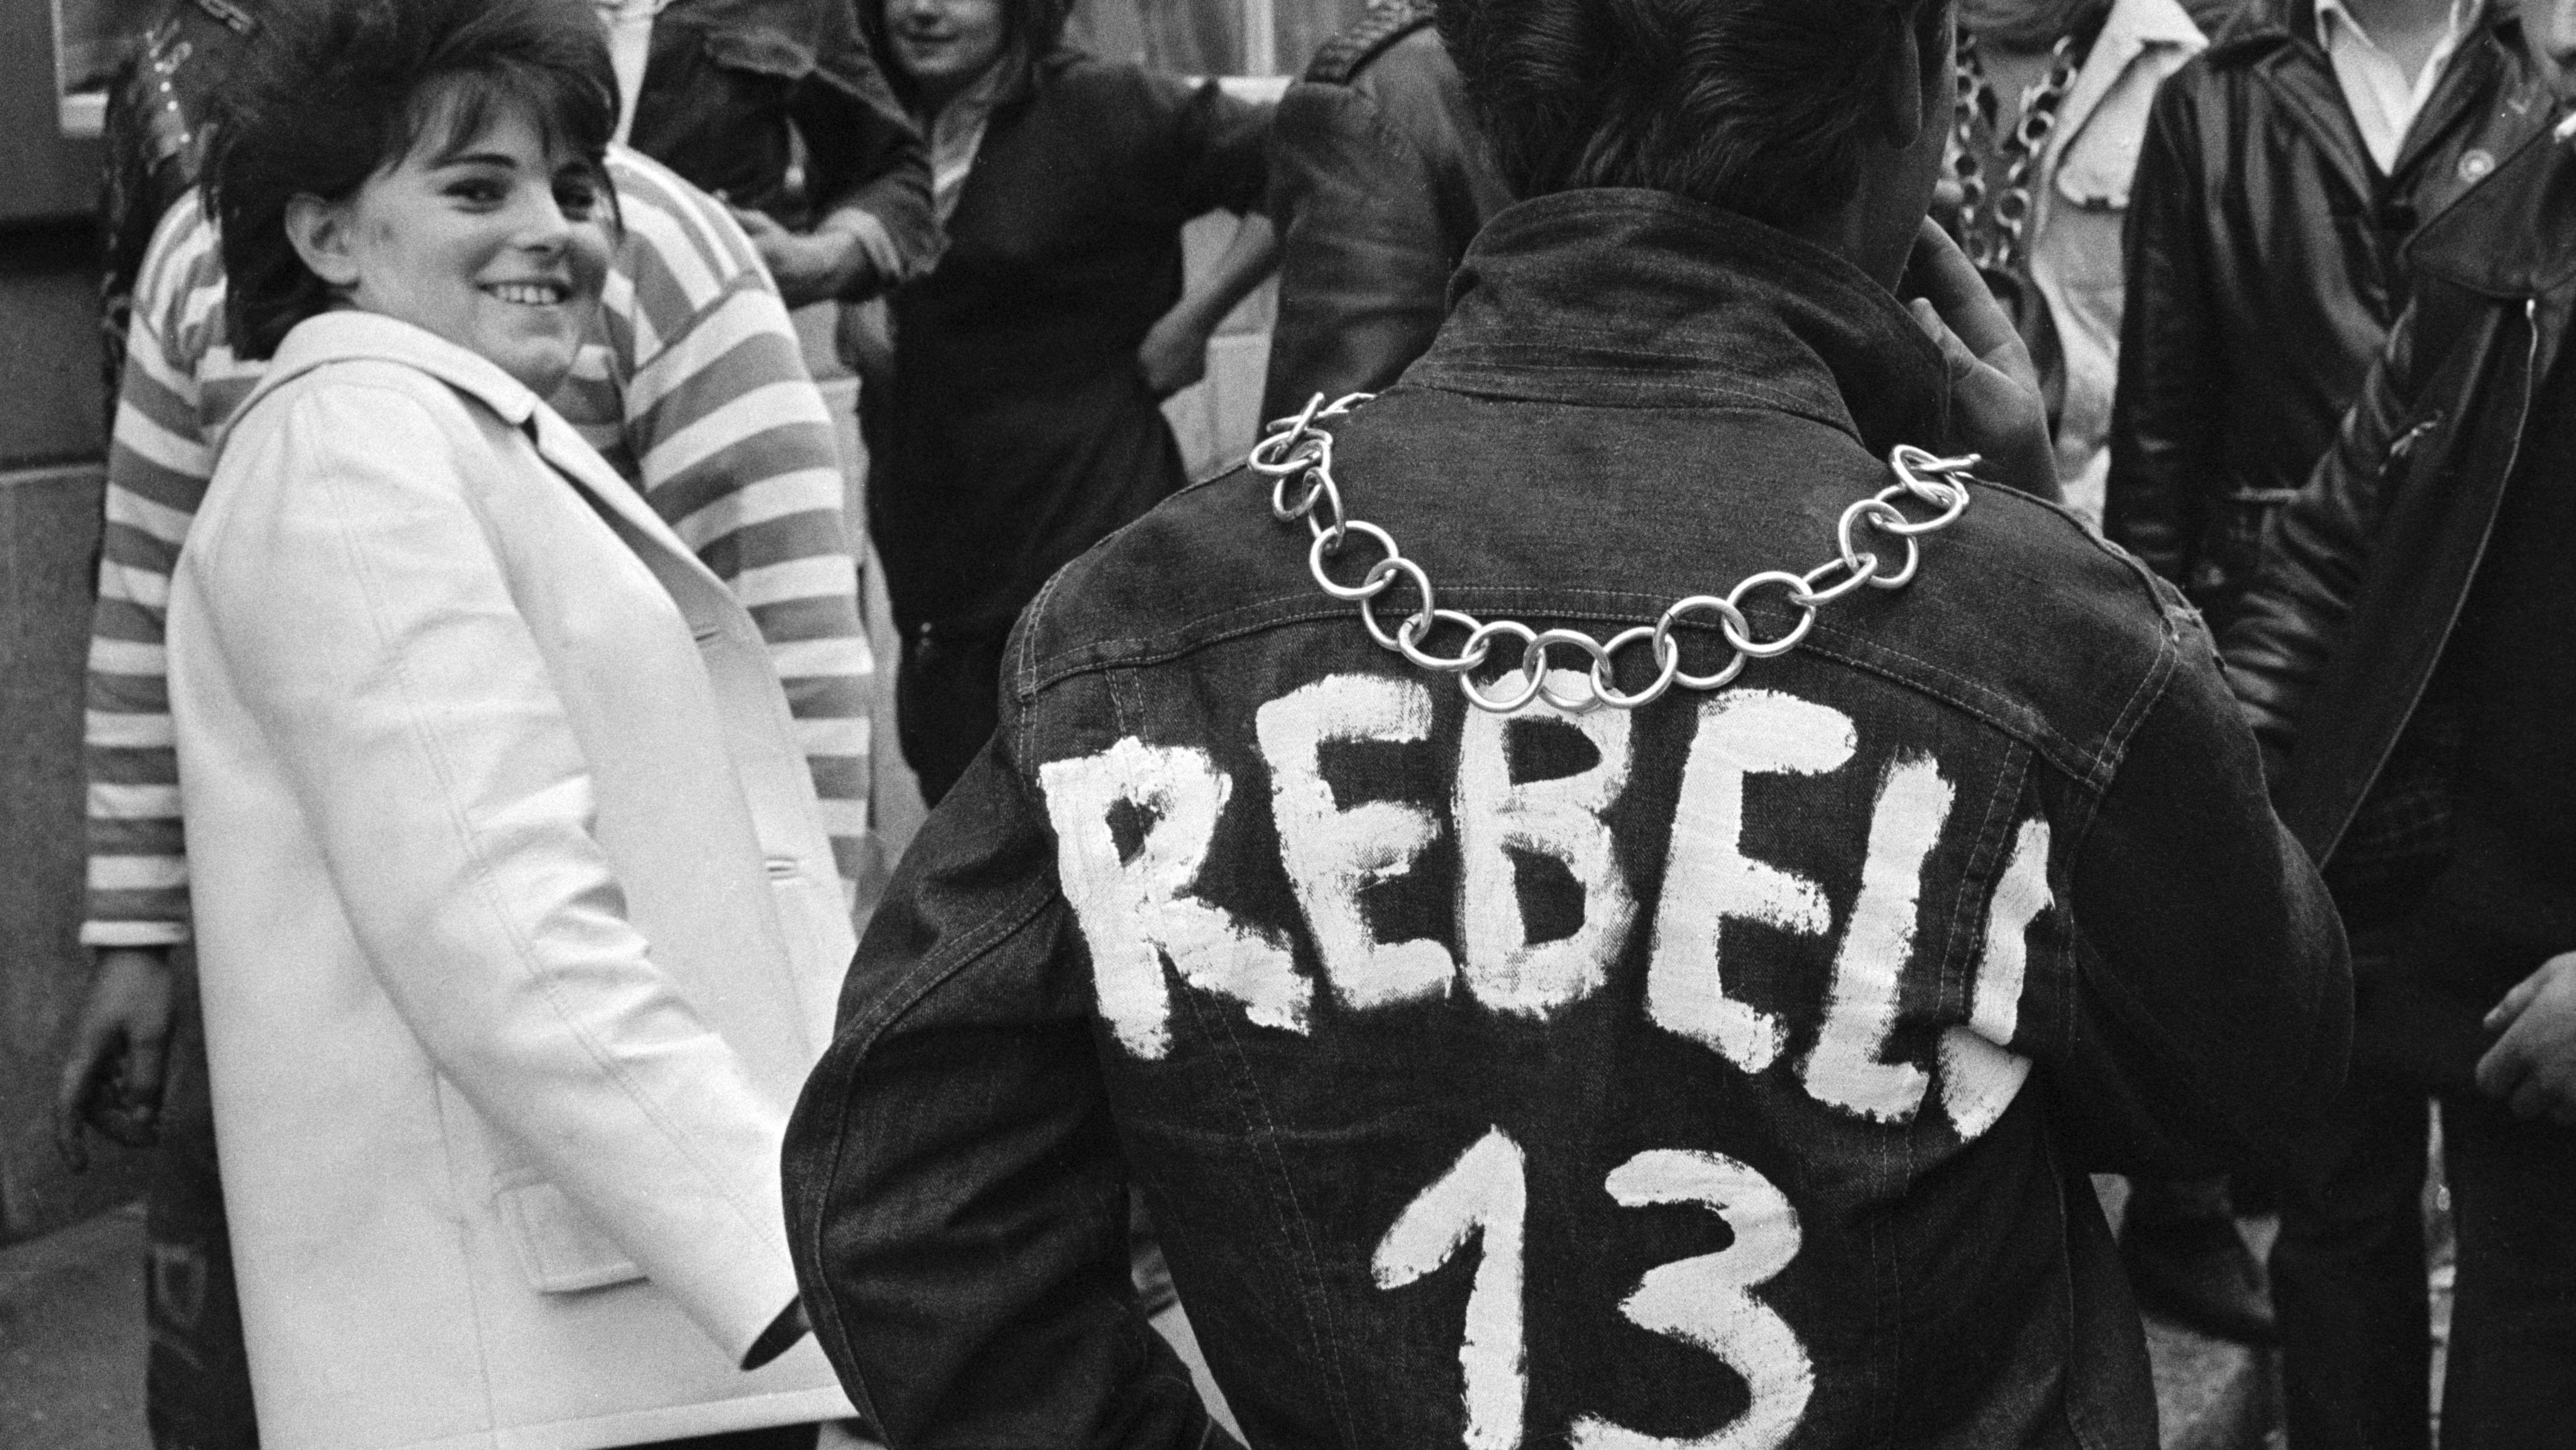 """Halbstarke in Zürich, 1963: Junge mit beschrifteter Jeansjacke (Aufschrift: """"Rebel!"""") wird von einer jungen Frau im weißen Mantel angesehen"""